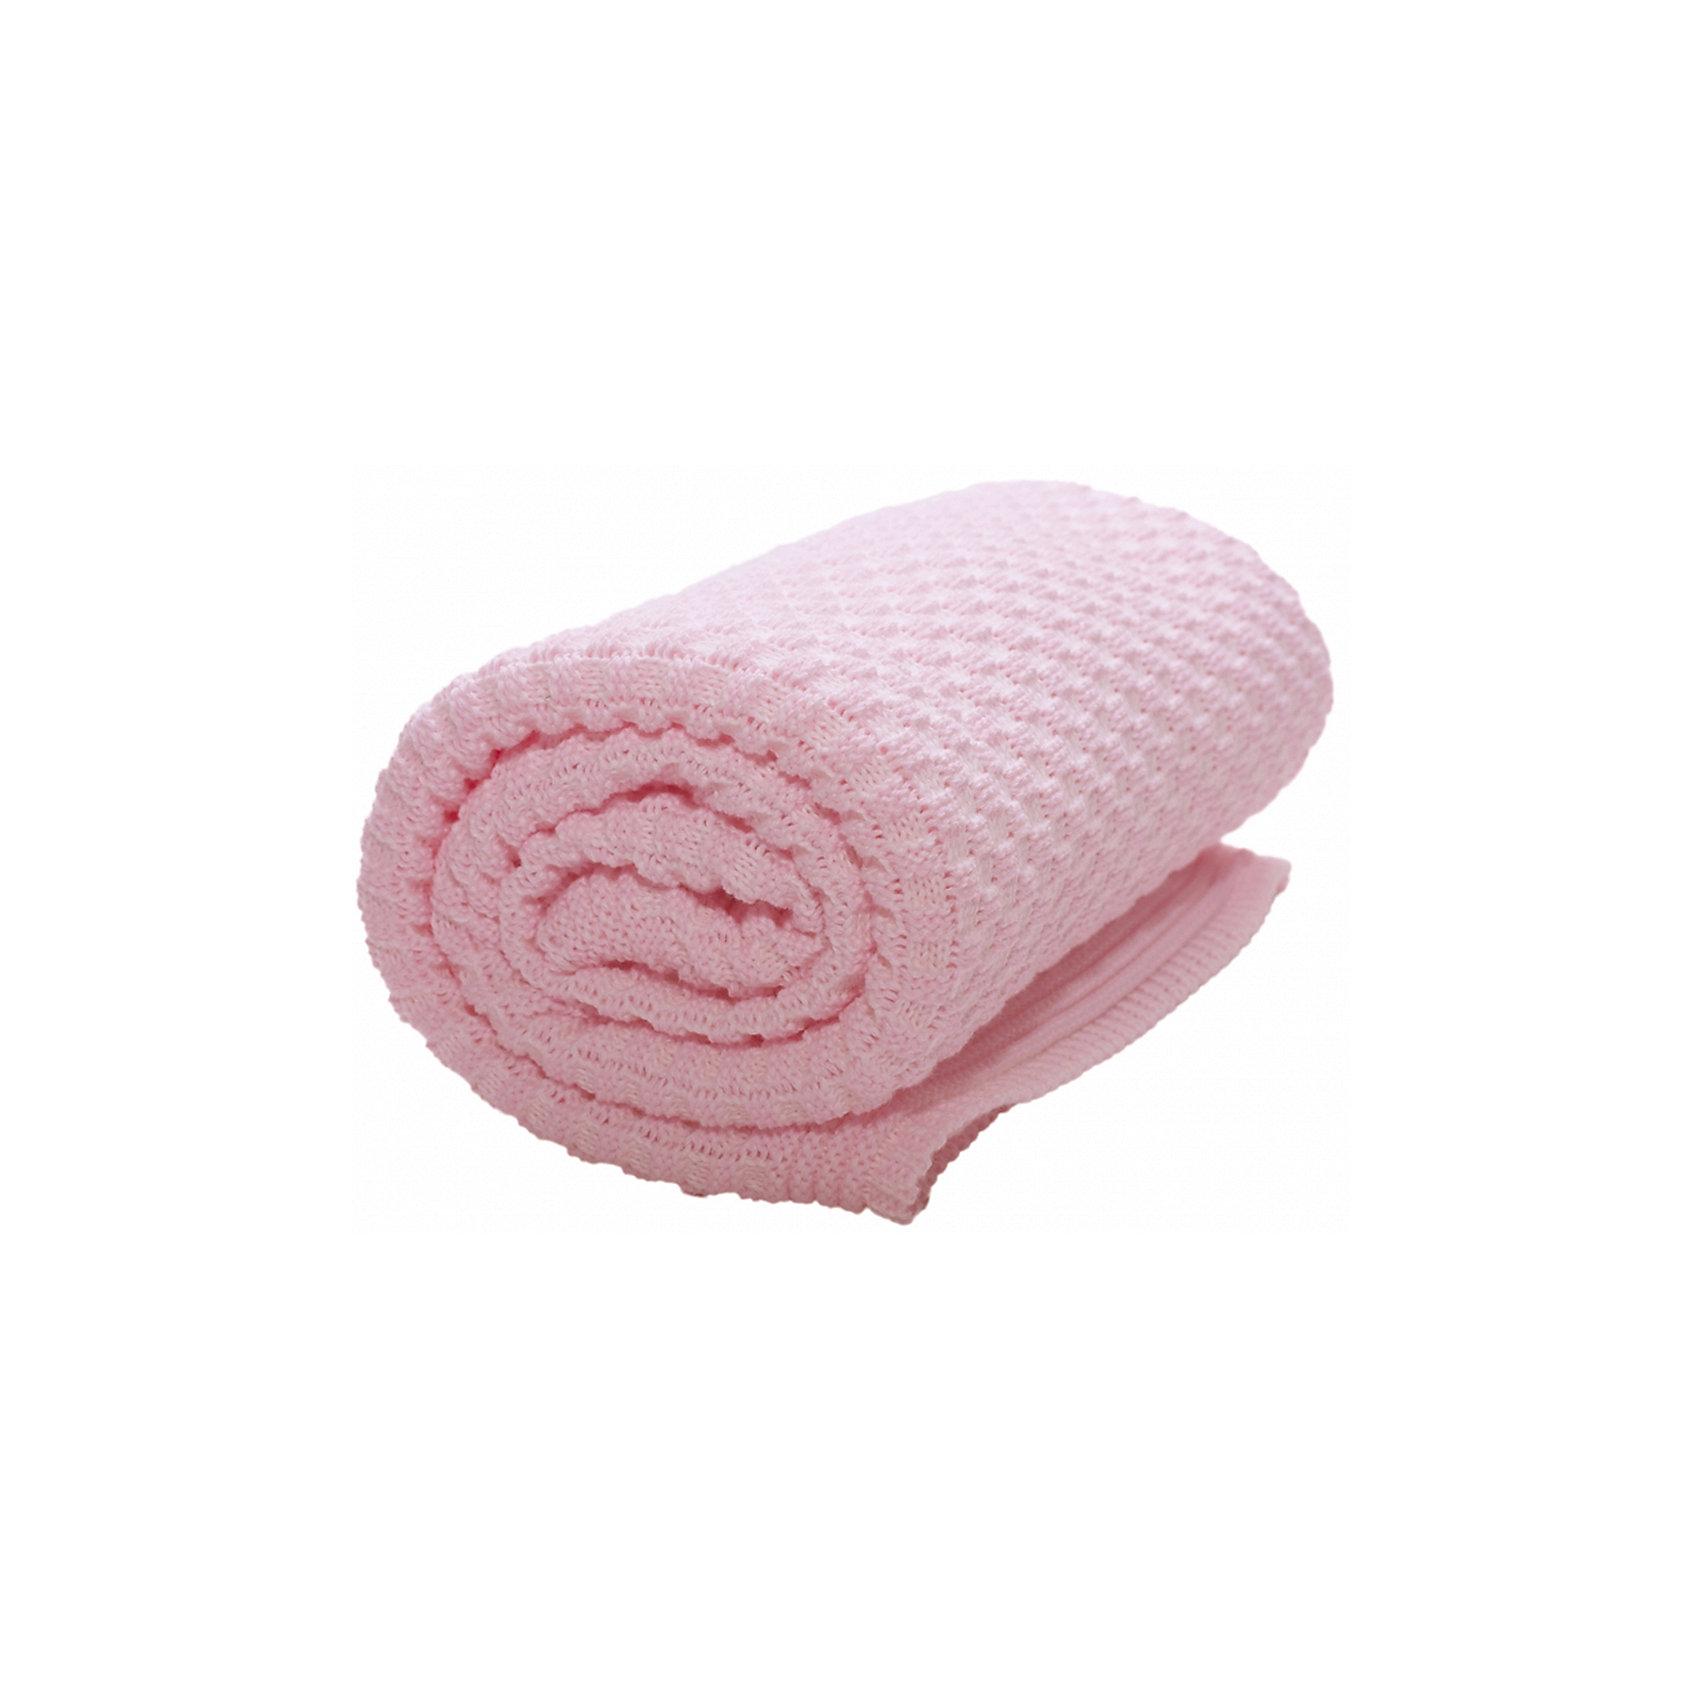 Плед хб вязаный, 70х90, Wallaboo, нежно-розовыйОдеяла, пледы<br>Характеристики:<br><br>• объемная ажурная вязка;<br>• плед сохраняет тепло, исключает перегрев малыша;<br>• допустима ручная стирка при температуре 30 градусов;<br>• материал: 100% шесть мериноса;<br>• размер пледа: 70х90 см;<br>• размер упаковки: 25х23х4 см;<br>• вес: 350 г.<br><br>Вязаный плед Wallaboo нежно окутывает малыша, сохраняет тепло, создает мягкое прикосновение. Плед изготовлен из шерсти мериноса, кожа ребенка под таким пледом остается сухой, малыш не потеет. Ажурная вязка придает пледу нарядный вид.<br><br>Плед хб вязаный, 70х90, Wallaboo, нежно-розовый можно купить в нашем интернет-магазине.<br><br>Ширина мм: 800<br>Глубина мм: 800<br>Высота мм: 50<br>Вес г: 500<br>Возраст от месяцев: 0<br>Возраст до месяцев: 12<br>Пол: Унисекс<br>Возраст: Детский<br>SKU: 5445068